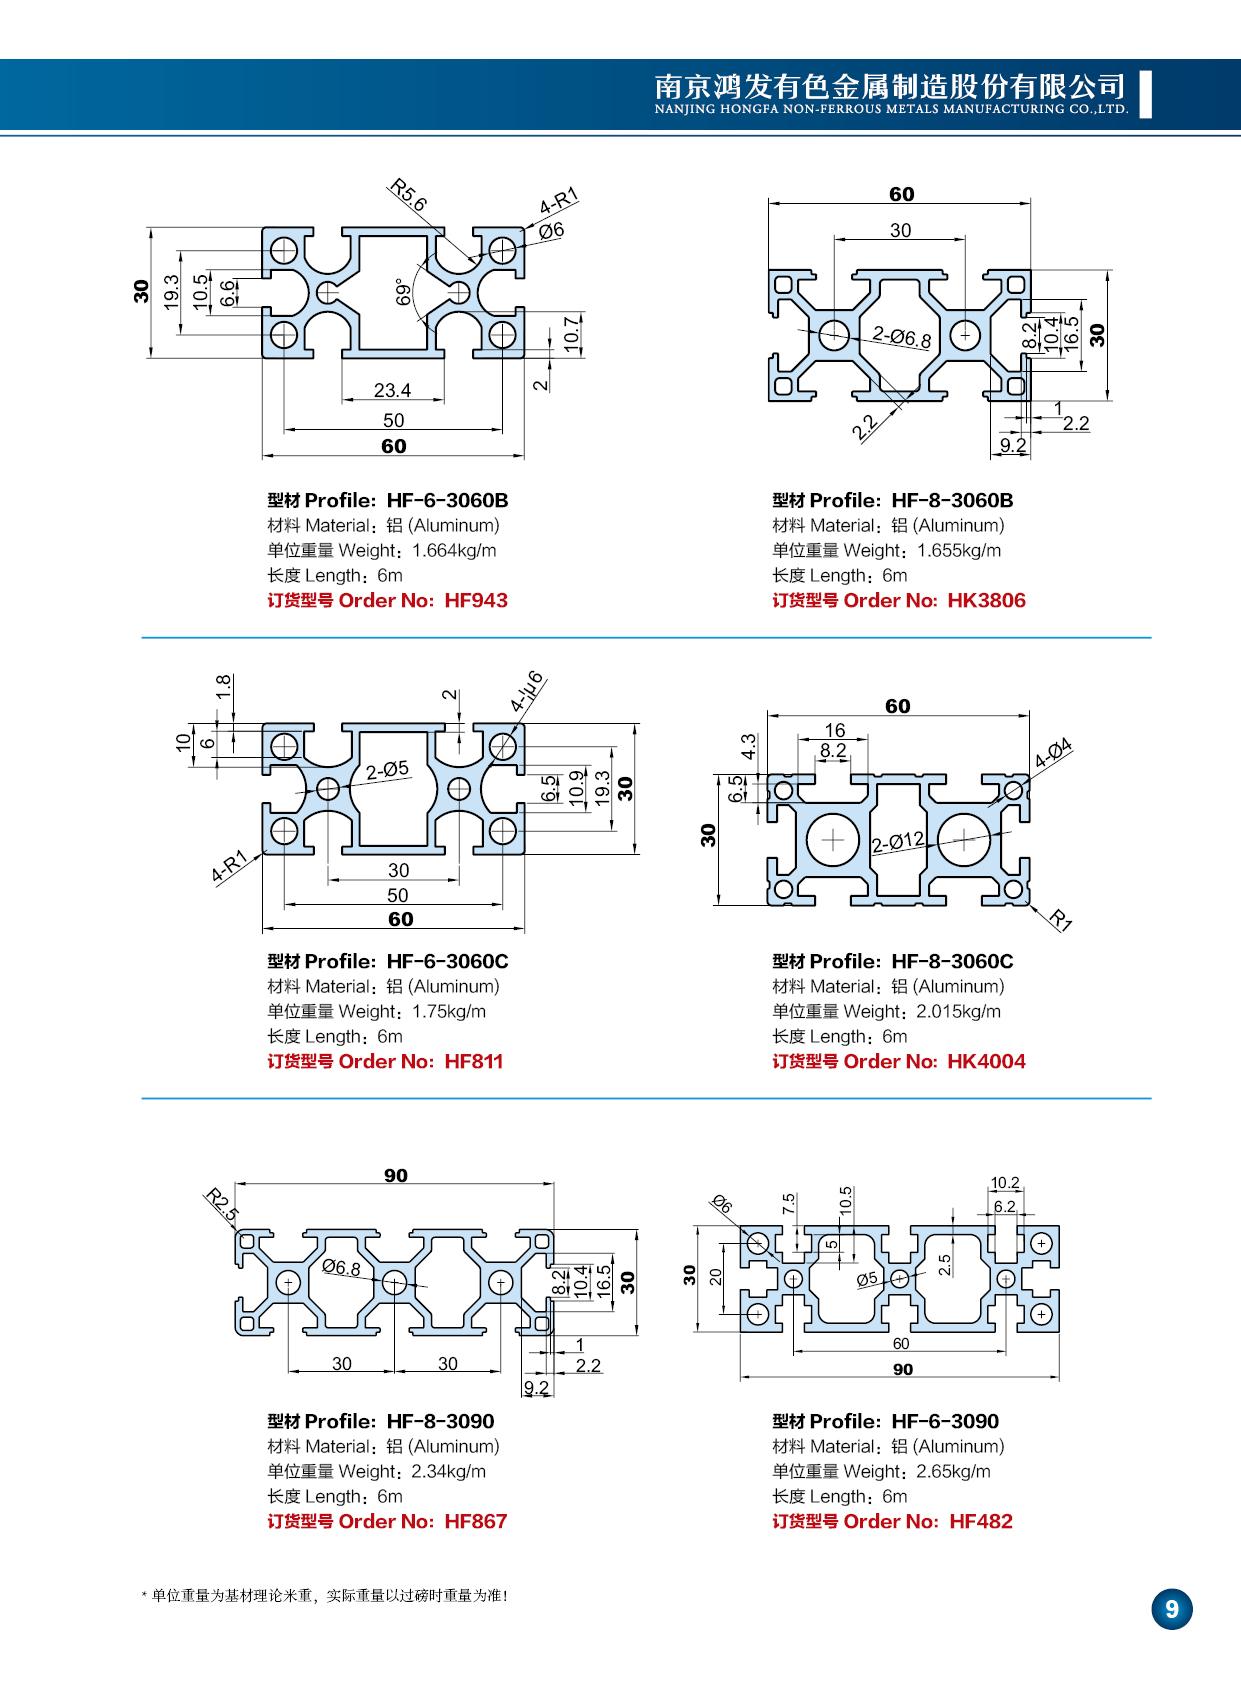 30系列工业铝型材5